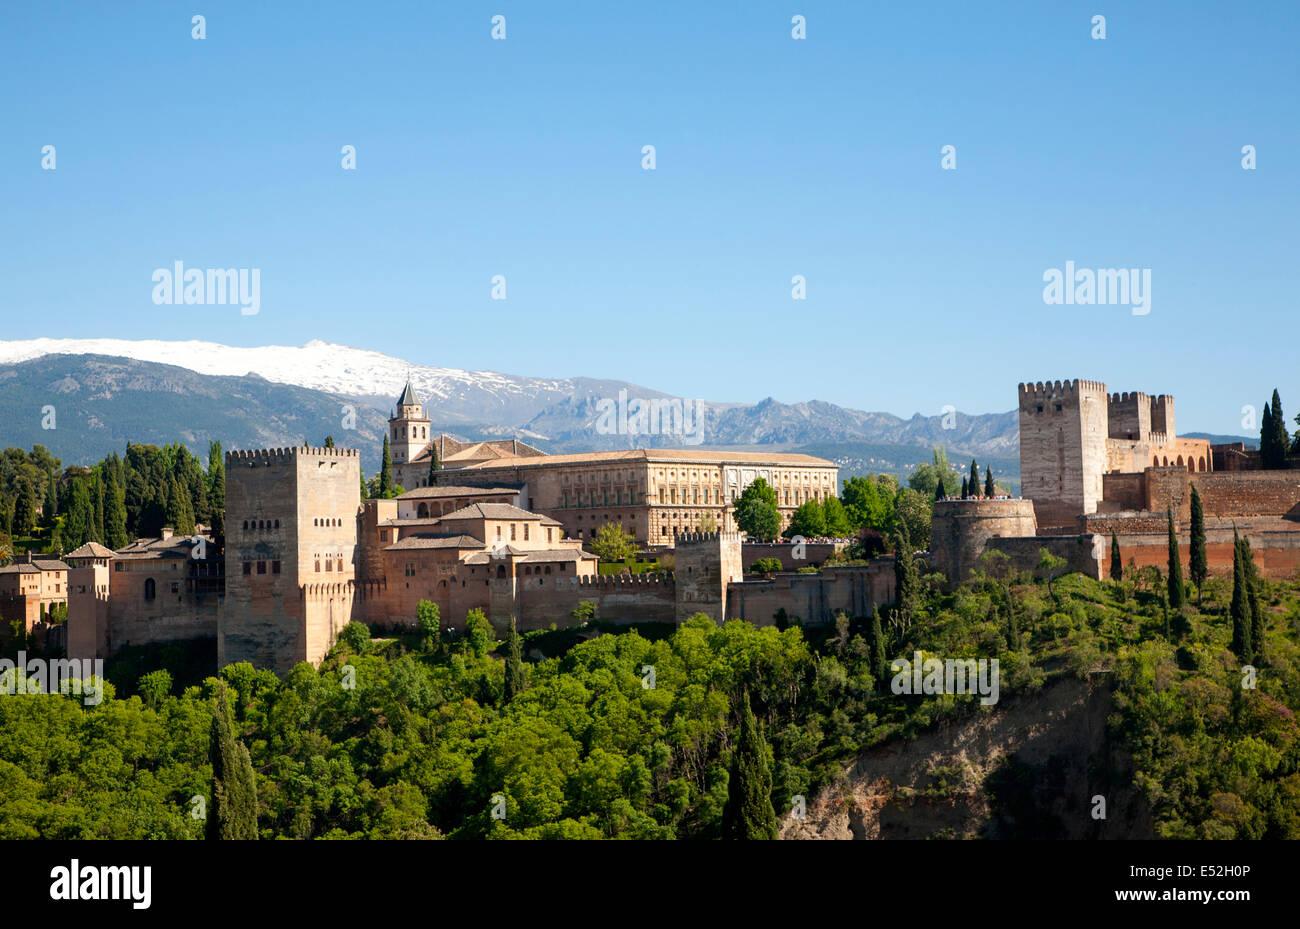 Los picos nevados de las montañas de Sierra Nevada y la Alhambra, Granada, España Imagen De Stock